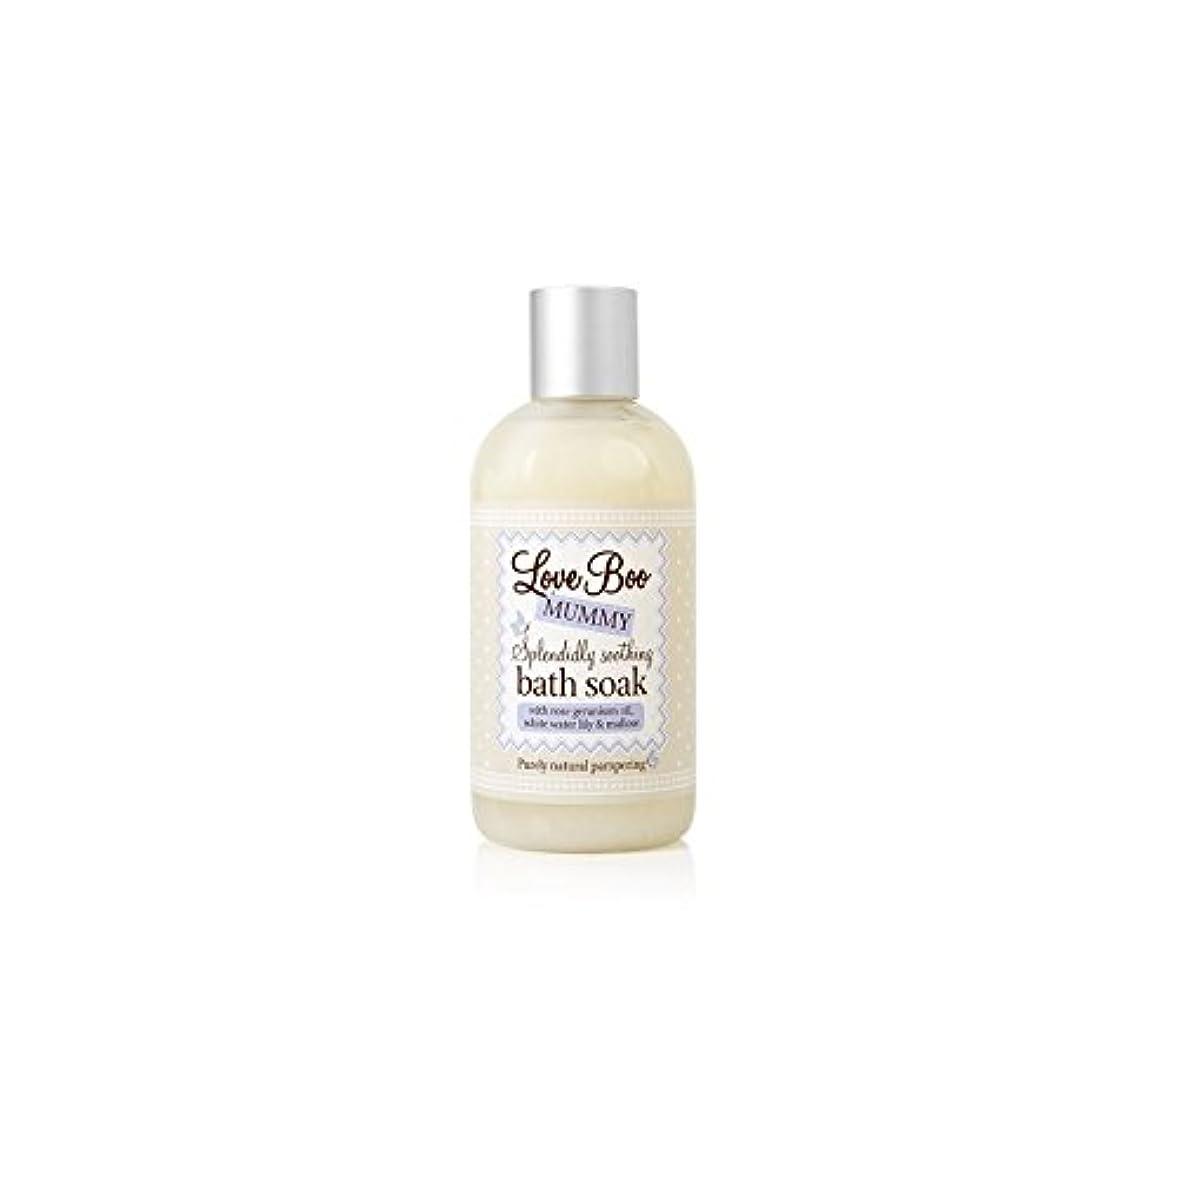 メロドラマティック残高バイパスLove Boo Splendidly Soothing Bath Soak (250ml) (Pack of 6) - ブーイング見事なだめるようなお風呂が大好き(250ミリリットル)を浸します x6 [並行輸入品]